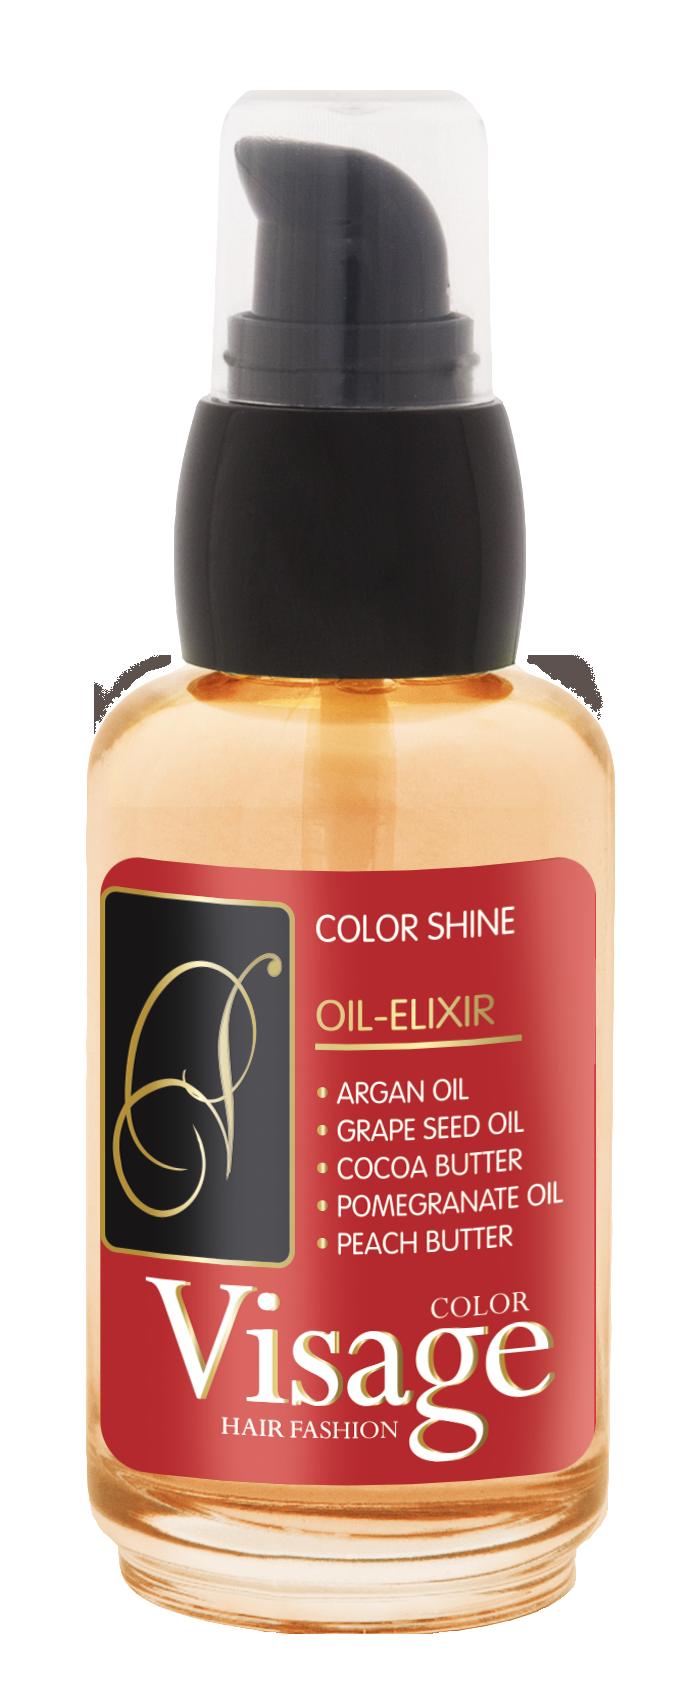 Эликсир 5 масел для окрашенных волос, Visage Oil-Elixir Color Protect, 50 мл